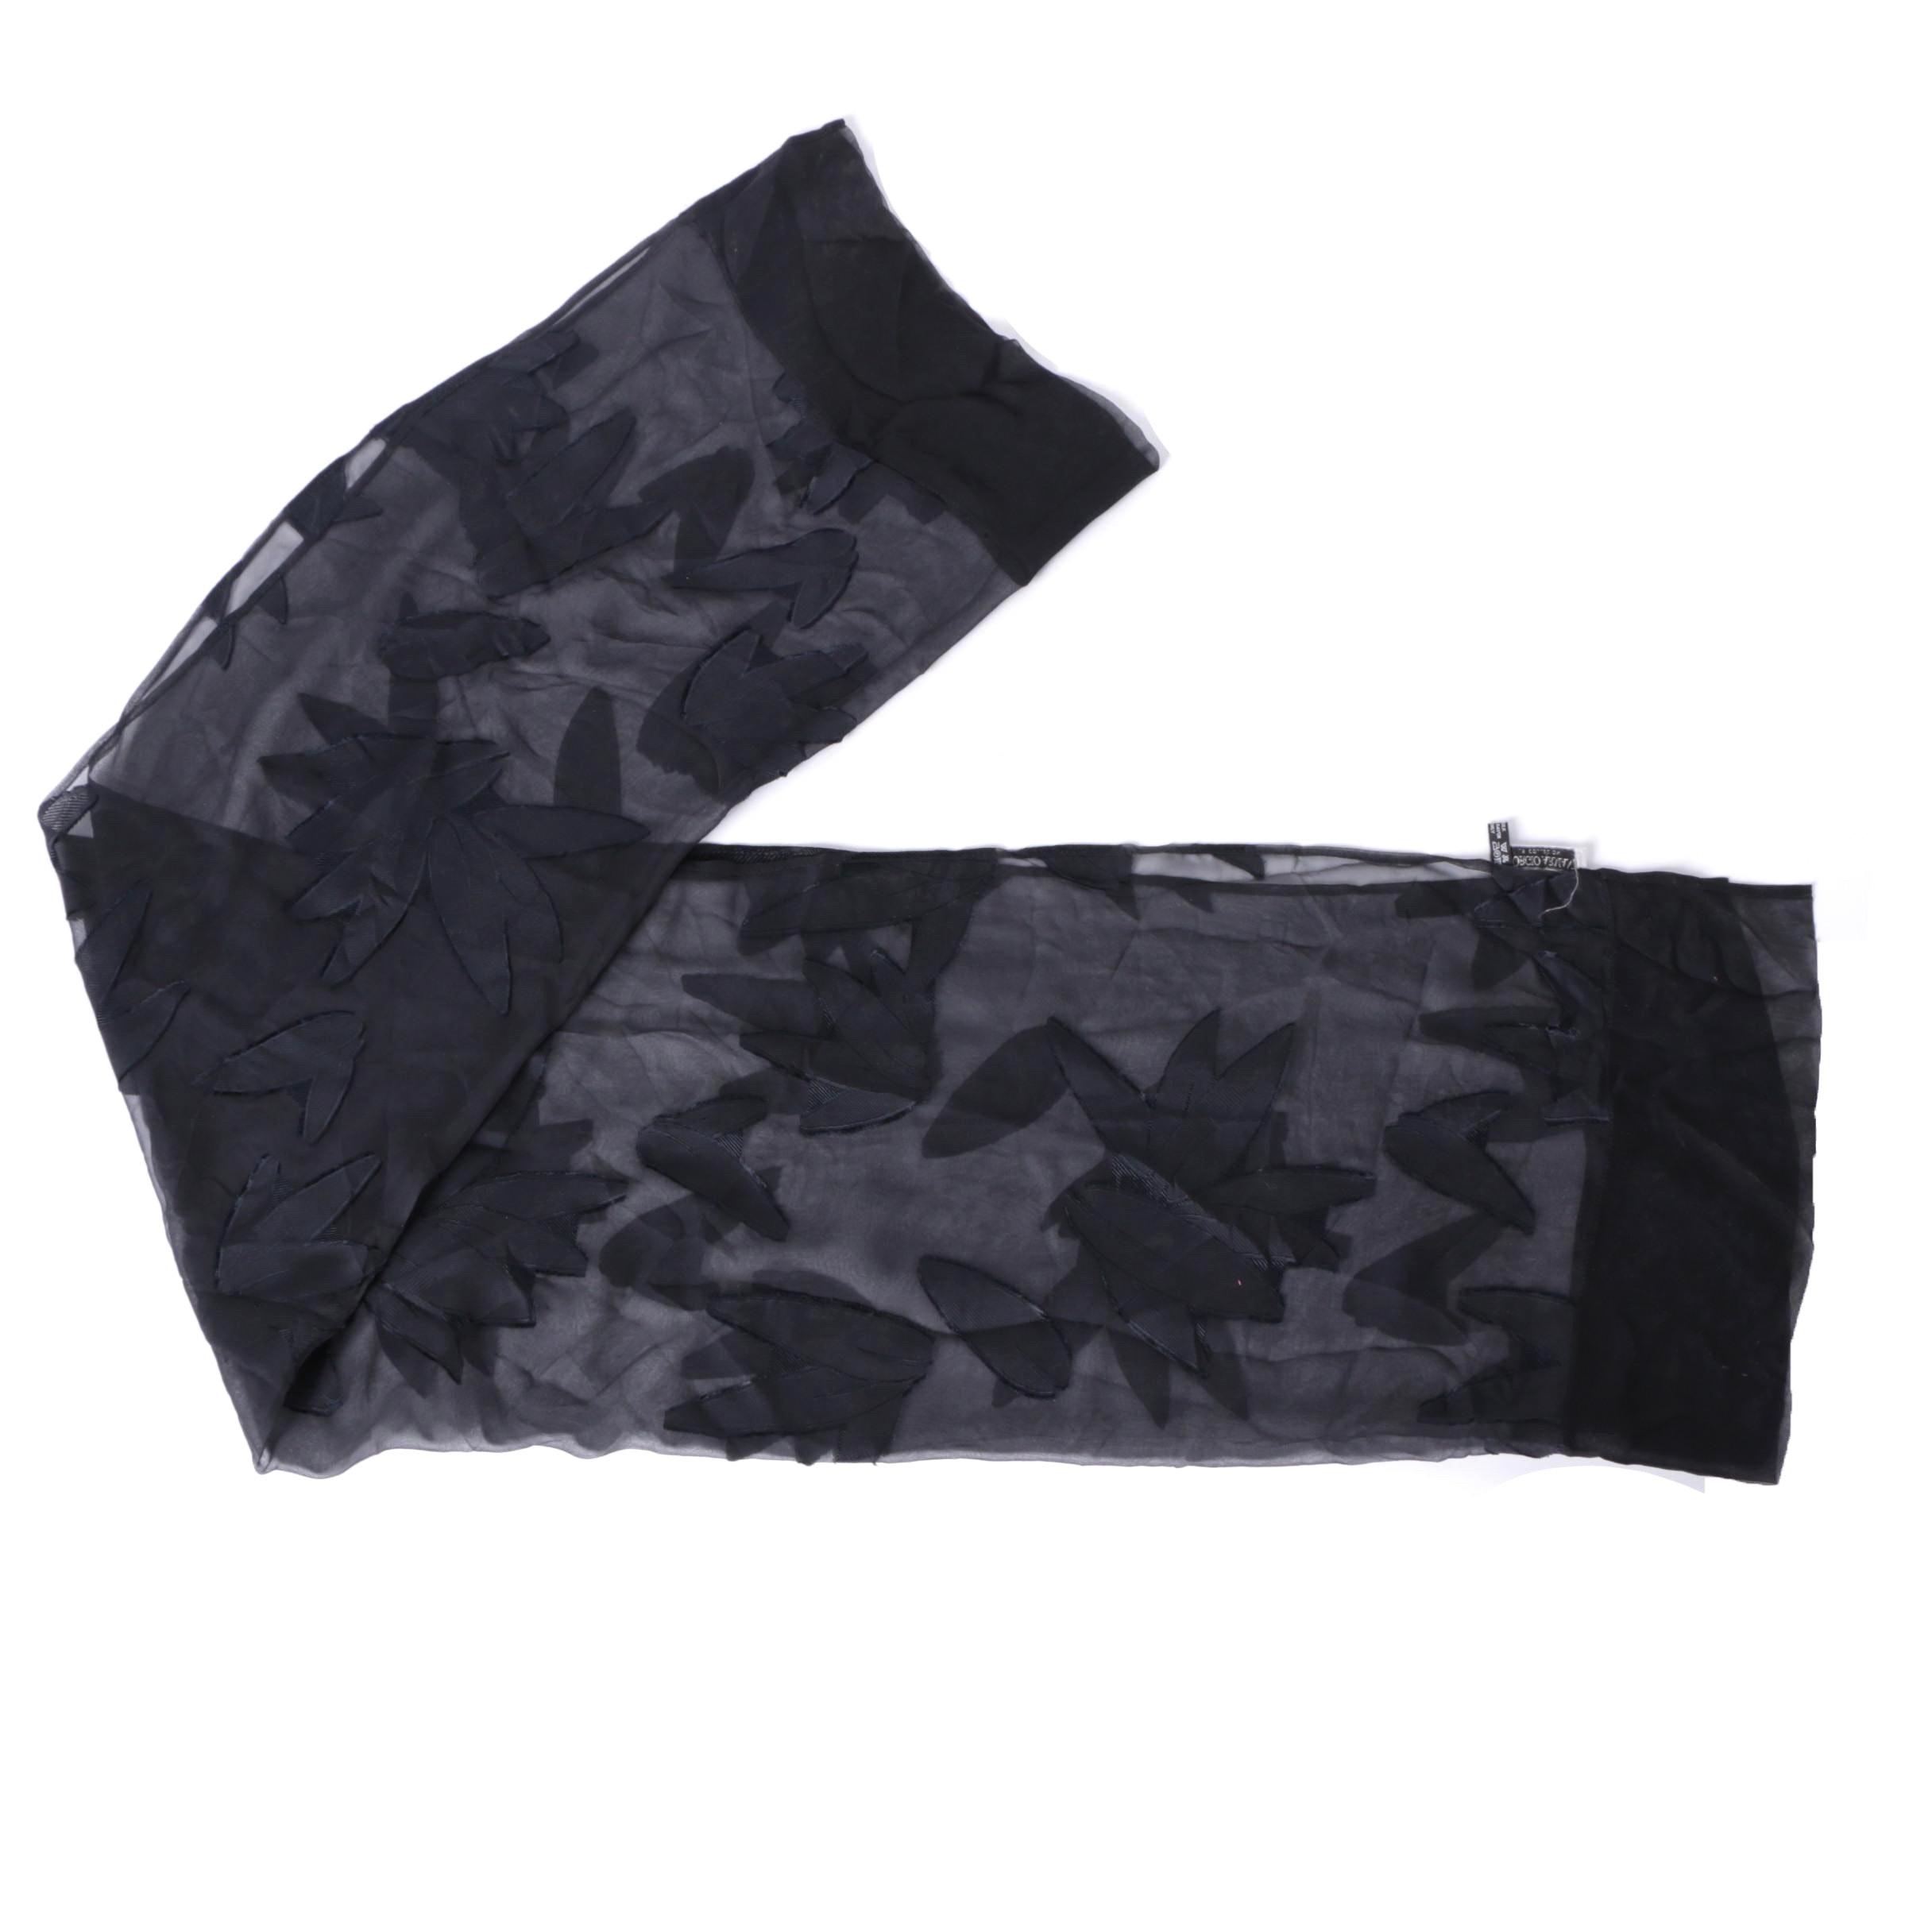 Giorgio Armani Le Collezioni Black and Grey Abstract Pattern Silk Scarf